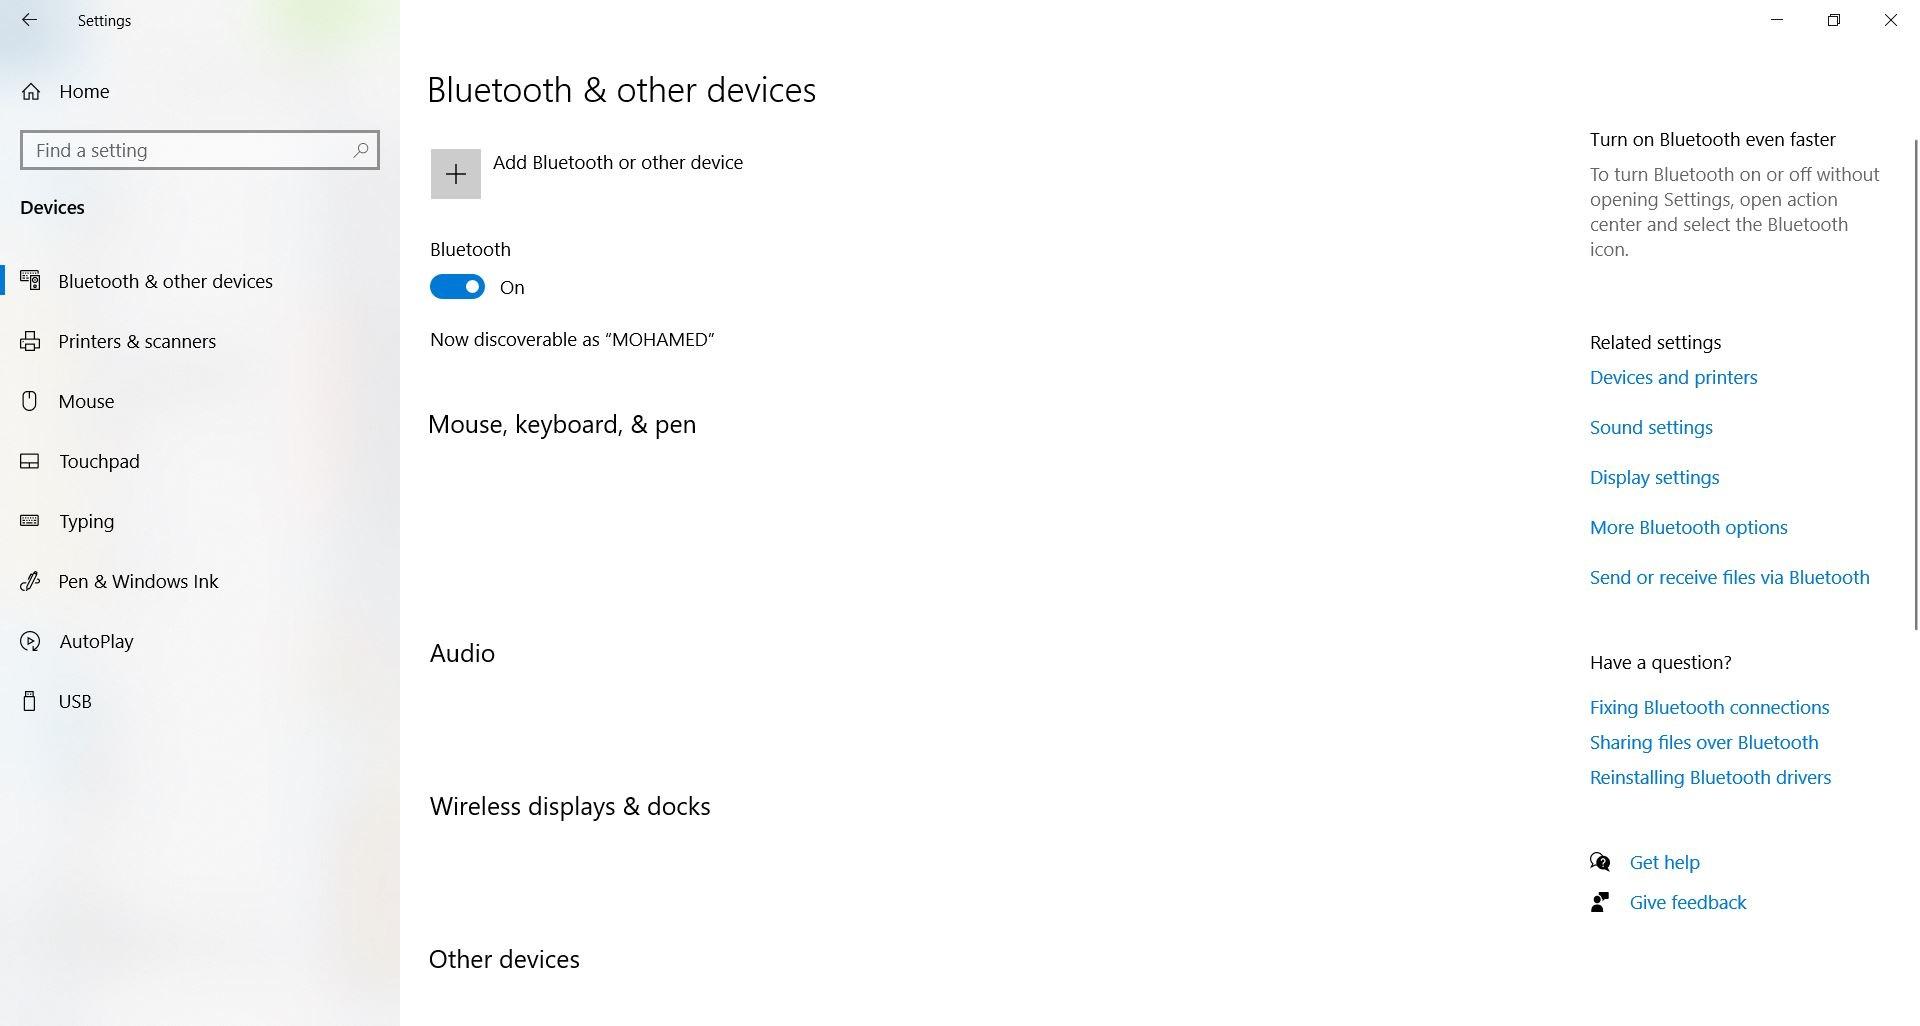 ربط الهاتف بأجهزة Windows 10